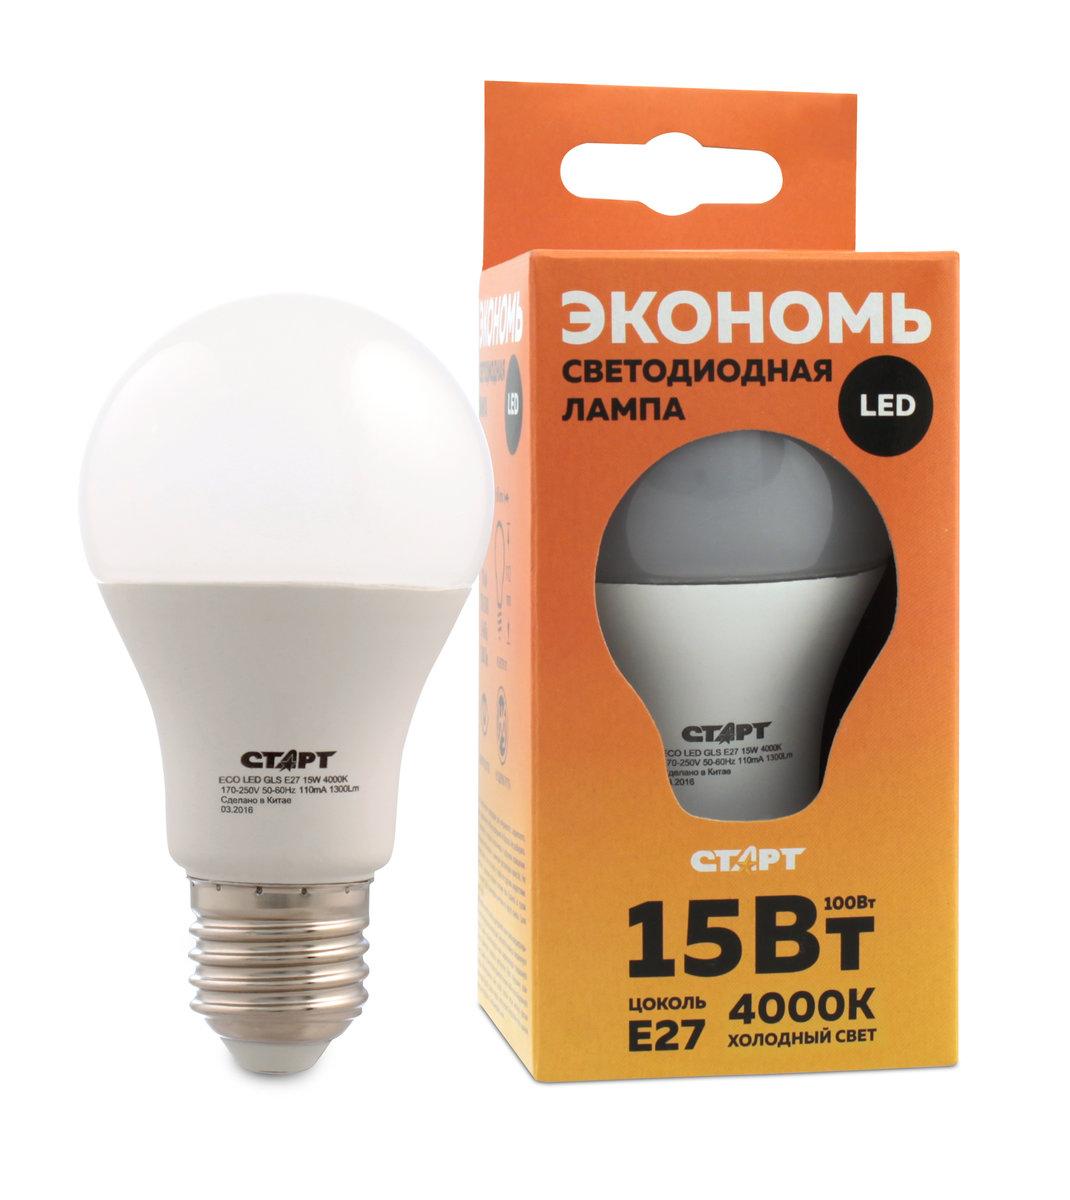 Лампа светодиодная СТАРТ, холодный свет, цоколь E27, 15WRSP-202SСветодиодная лампа СТАРТ – это самый энергоэффективный источник света, при этом имеющий рекордный срок службы. Светодиодные лампы – изделия прочные, не боятся падения с высоты человеческого роста, встрясок и вибраций. Лампа не имеет вредных материалов в своем составе, а также в процессе эксплуатации светодиодная лампа не излучает ИК- и УФ-лучи.Мощность, Вт: 15.Световой поток, Лм: 1200.Напряжение и частота: 220-240 V.мЦоколь: E27.Угол светового пучка: 240°Цветовая температура, К: 4000.Срок службы, часов: 15000.